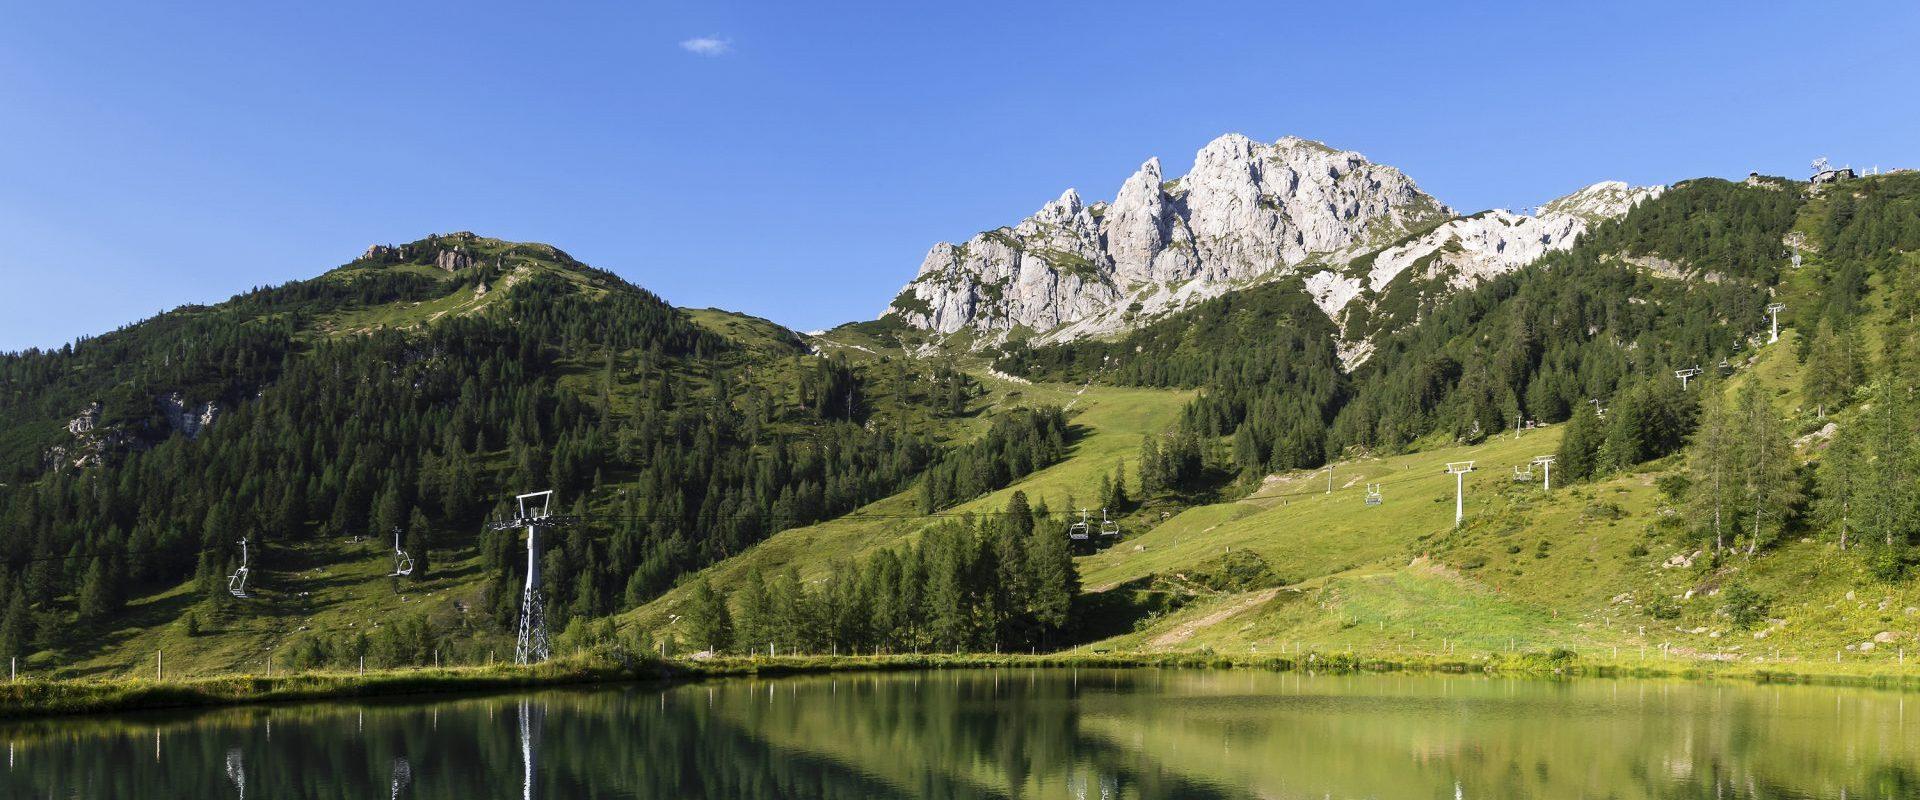 Das Nassfeld ist ein Wanderparadies für gemütliche Touren und sportlich-ambitionierte Berg-Erlebnisse